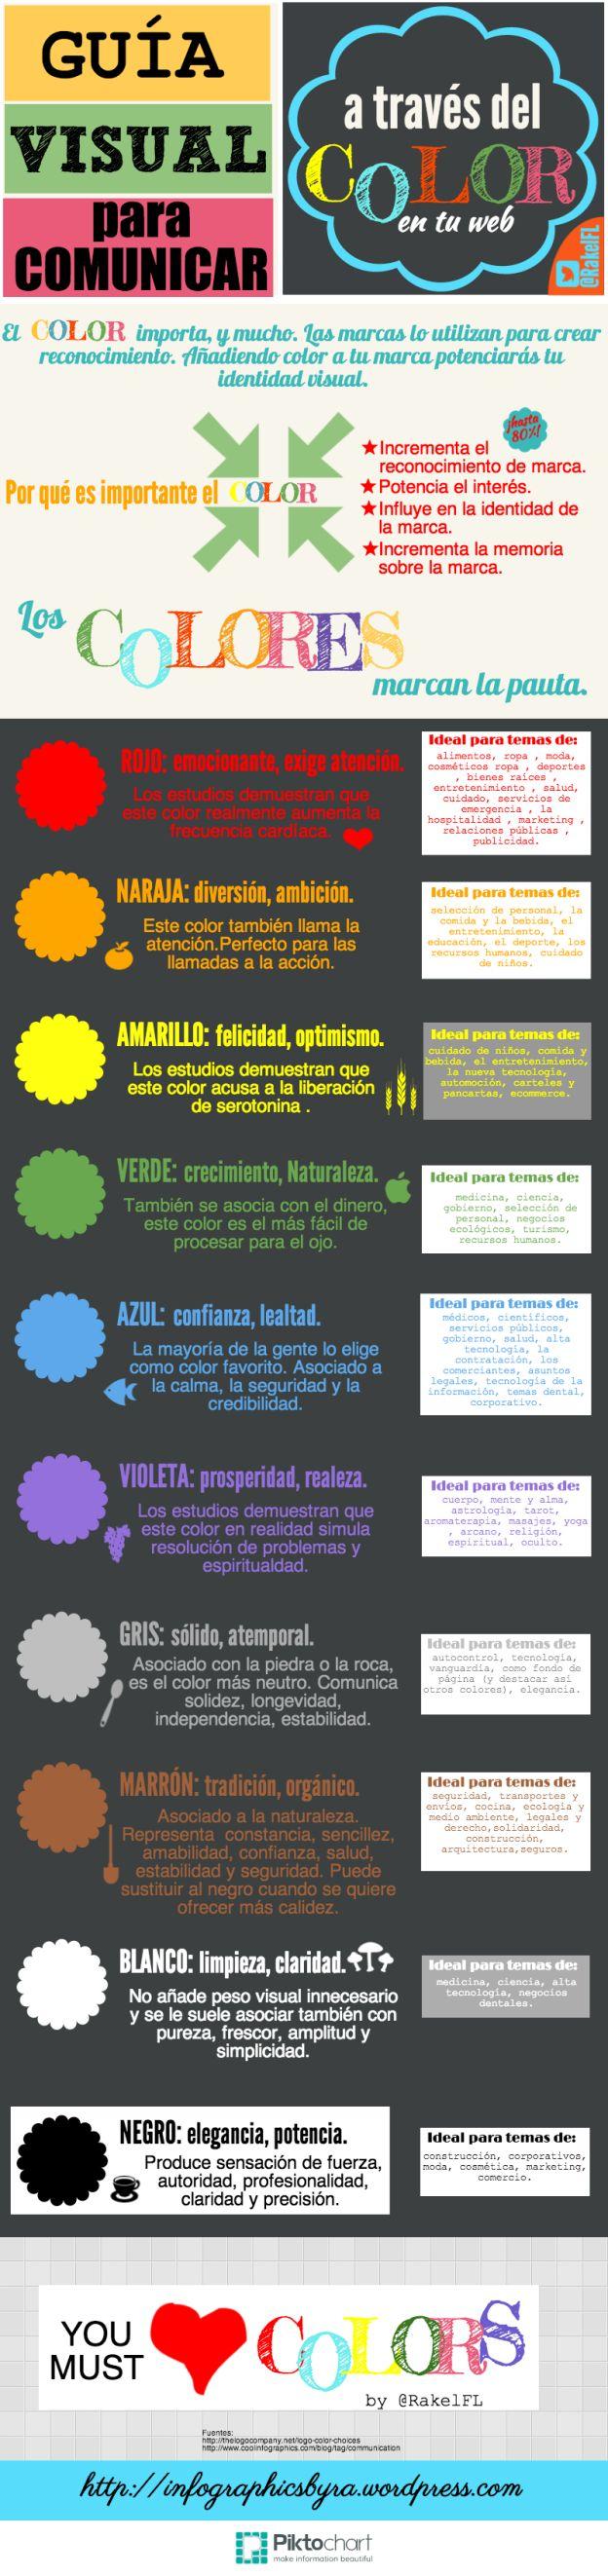 Qué comunican los distintos #colores en una publicación web – Elige el color correcto #Infografia